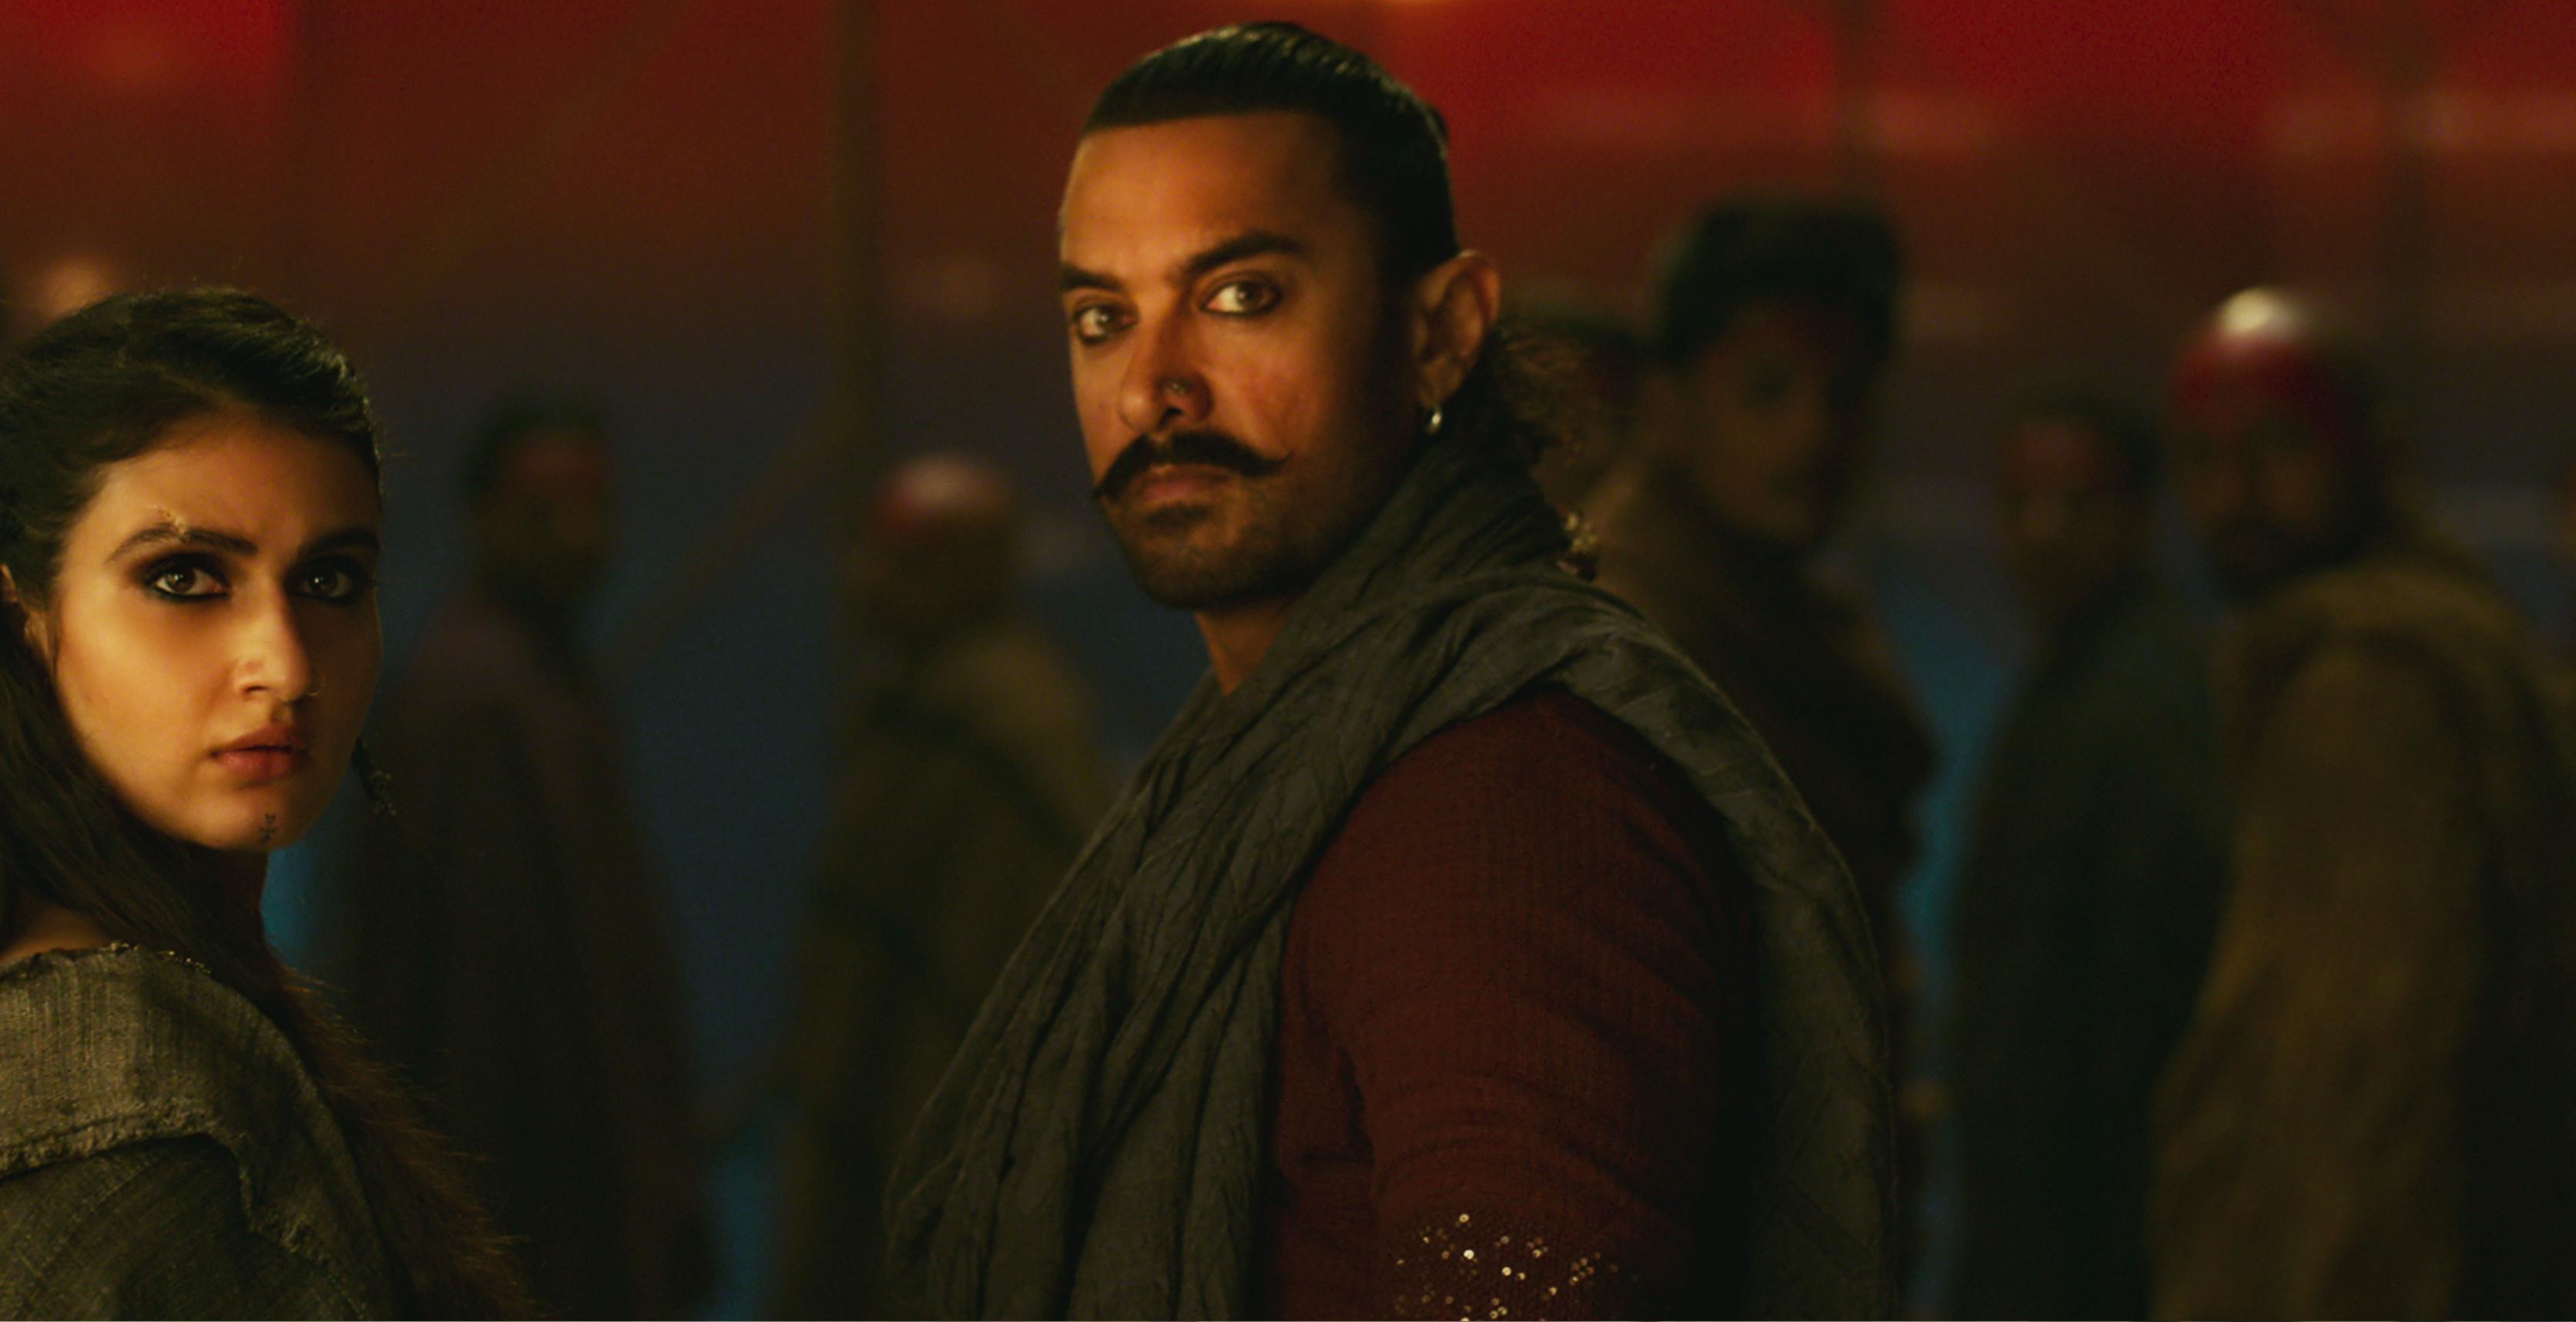 米叔的《印度暴徒》这部电影影评为何而扑街?